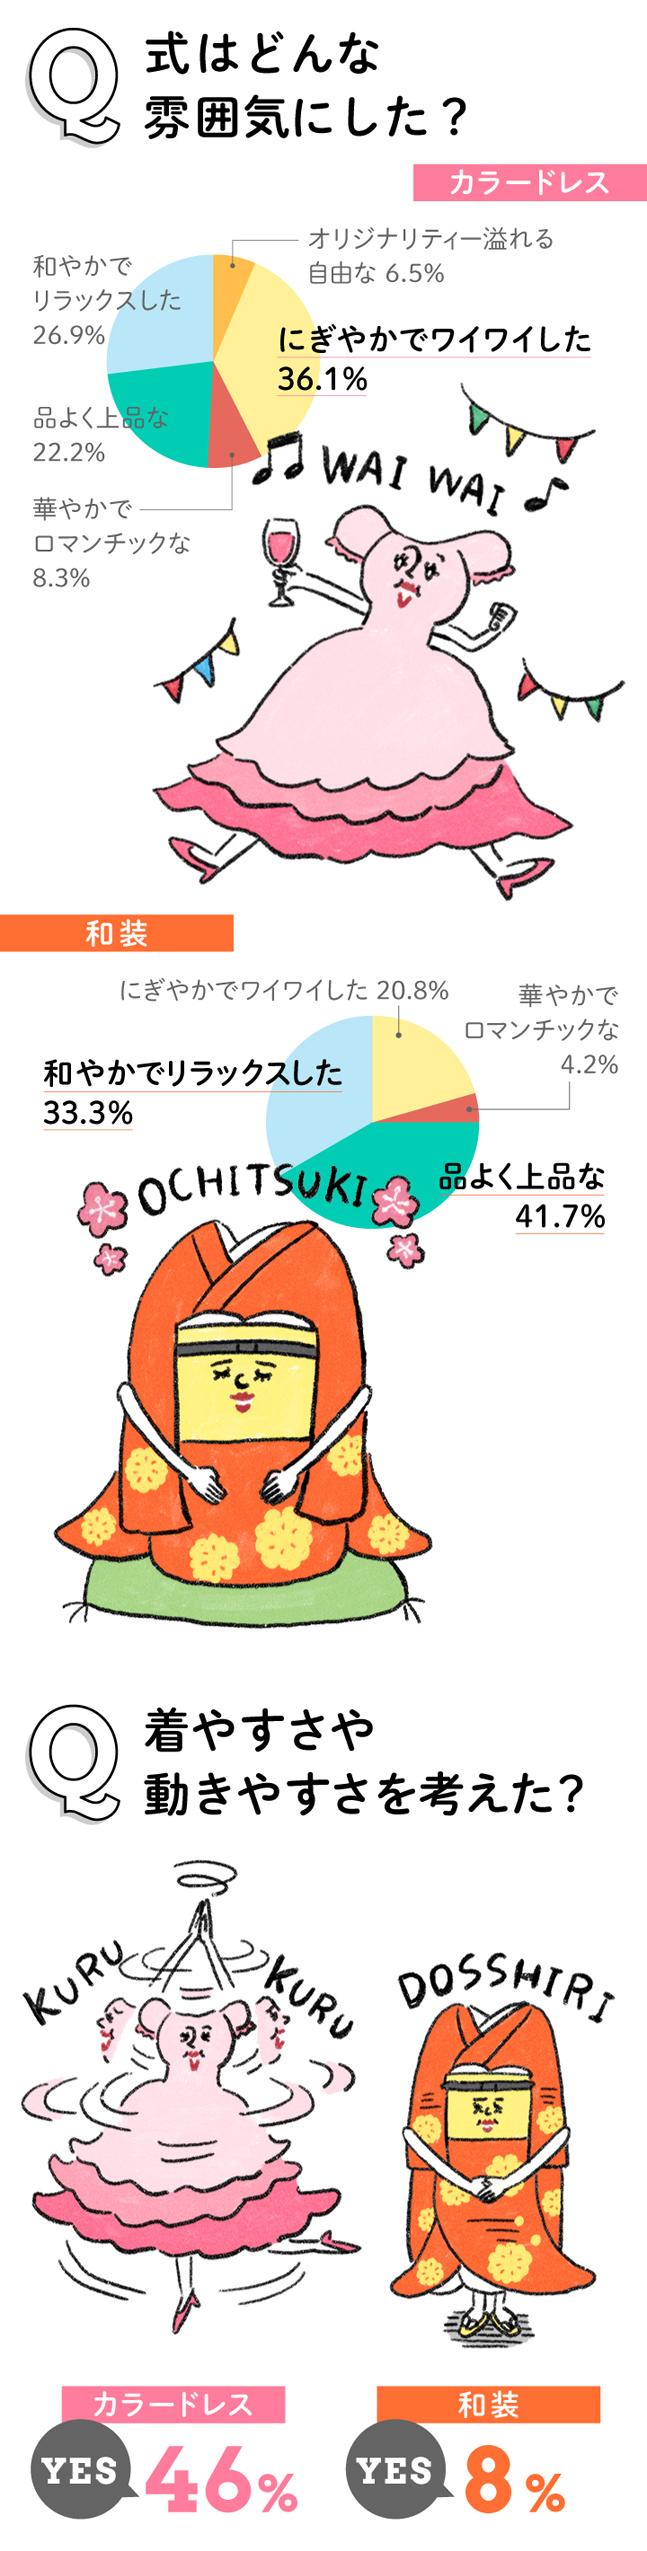 イラスト&データ入る Q式の雰囲気は?(円グラフ) カラードレス ワイワイしたい36.1% 和装 上品41.7% リラックス33.3%  Q着やすさ、動きやすさを考えた? カラードレス YES 46%